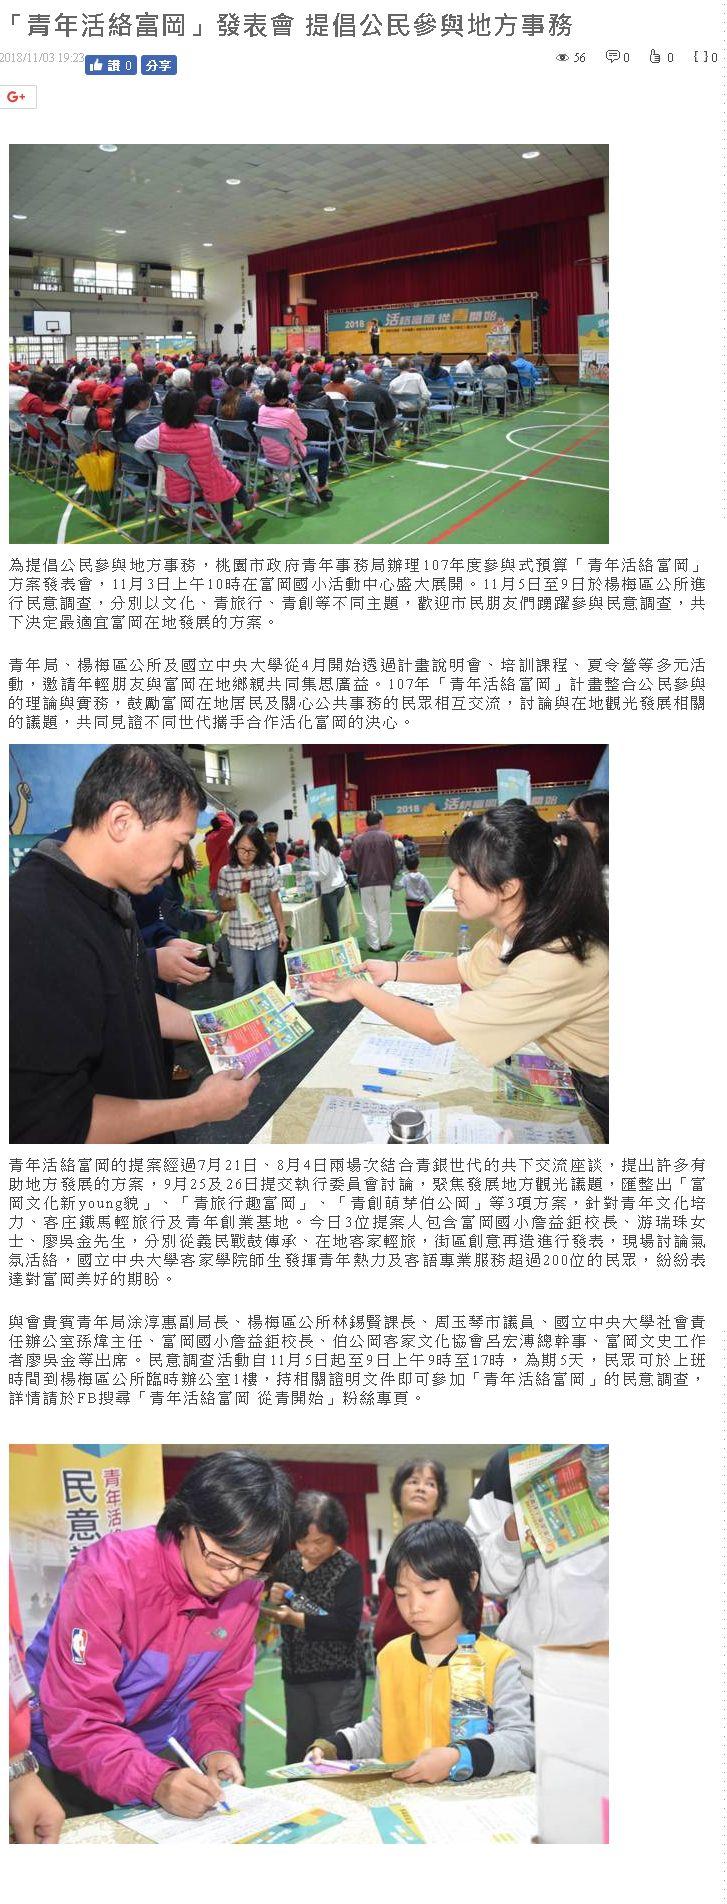 青年活絡富岡發表會 提倡公民參與地方事務